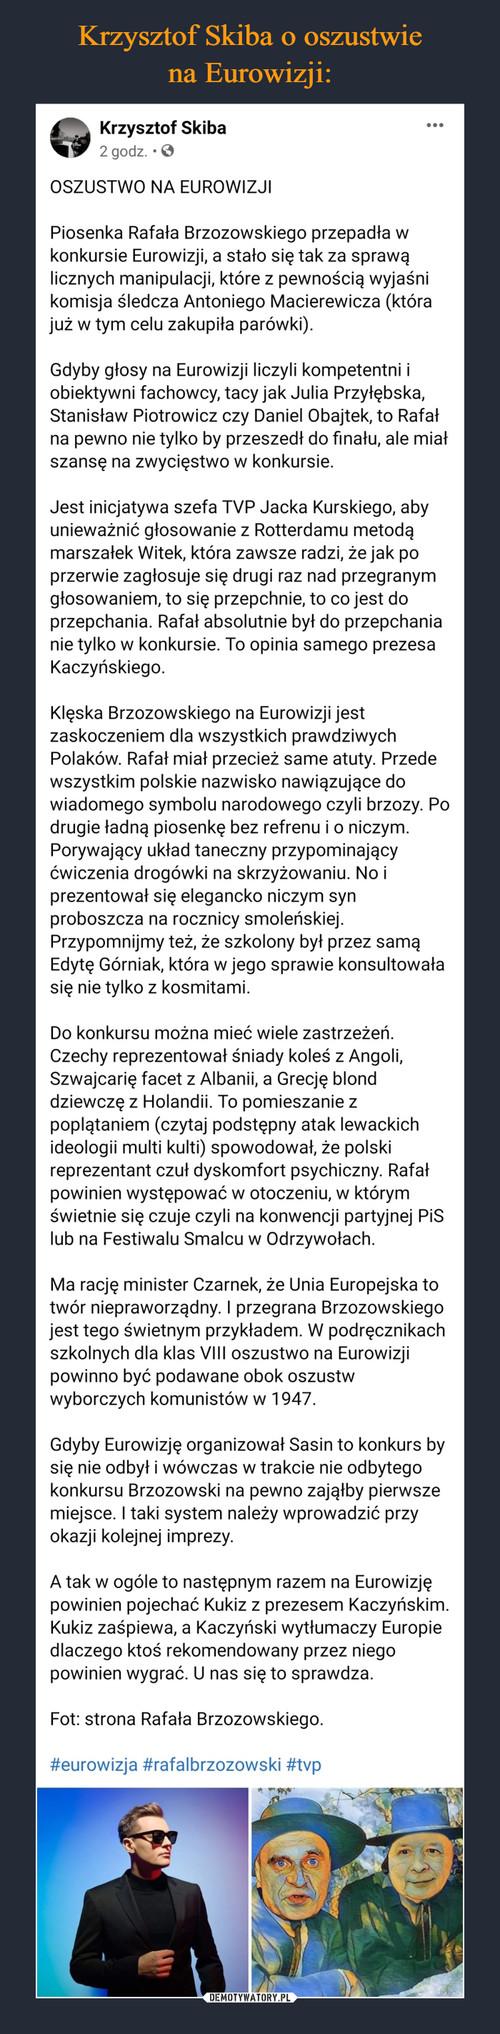 Krzysztof Skiba o oszustwie na Eurowizji: